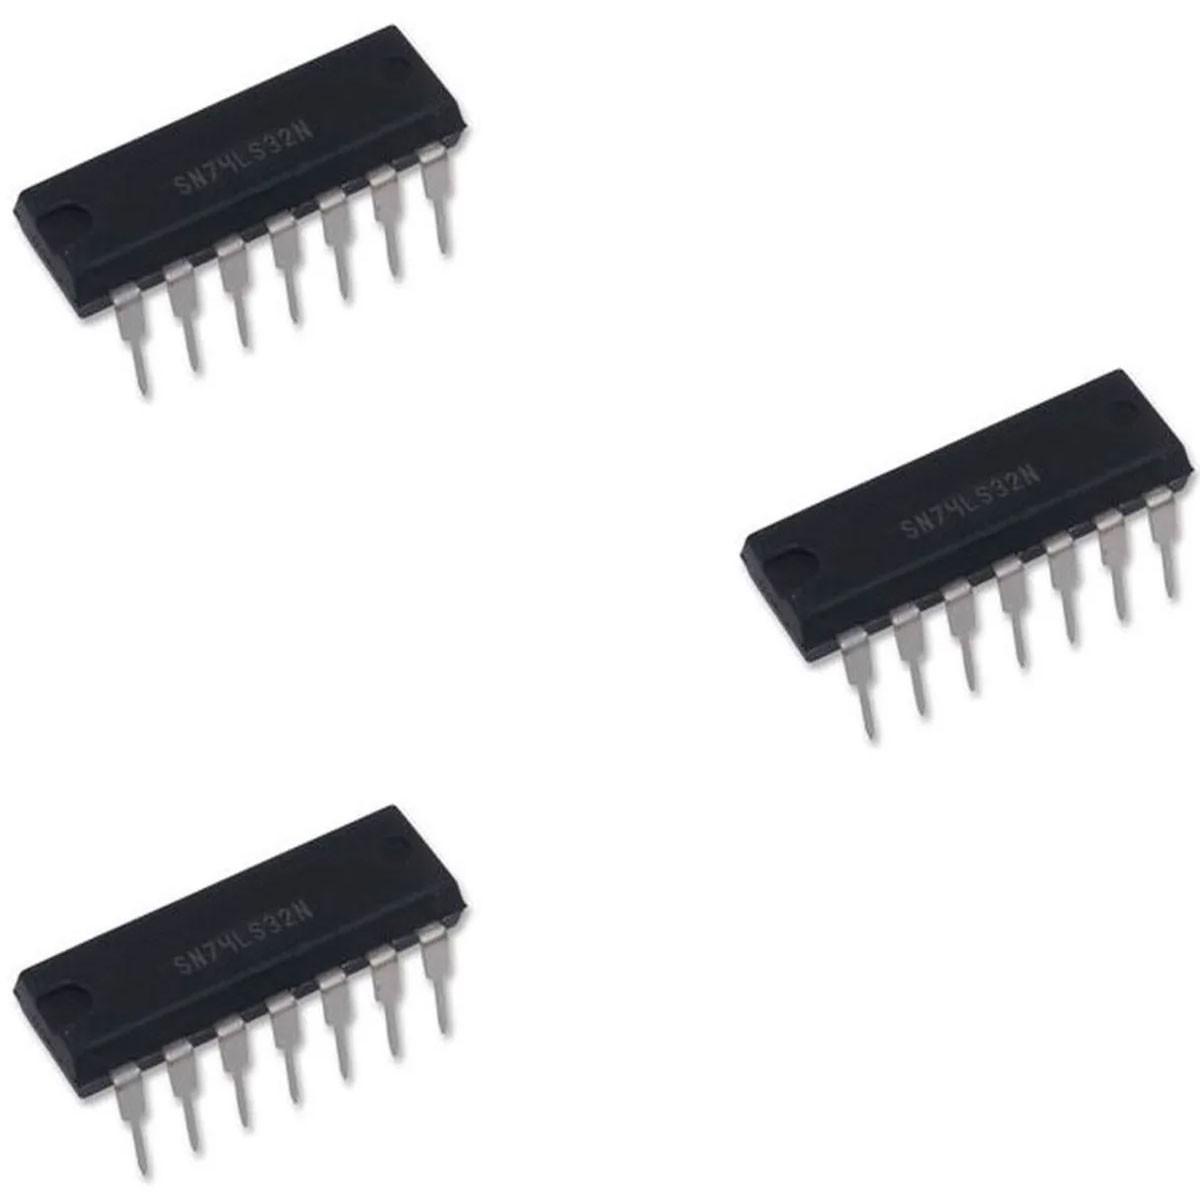 3x Ci 74LS32 Porta Lógica OR Família HC, 2 Entradas 5,2mA, 2V